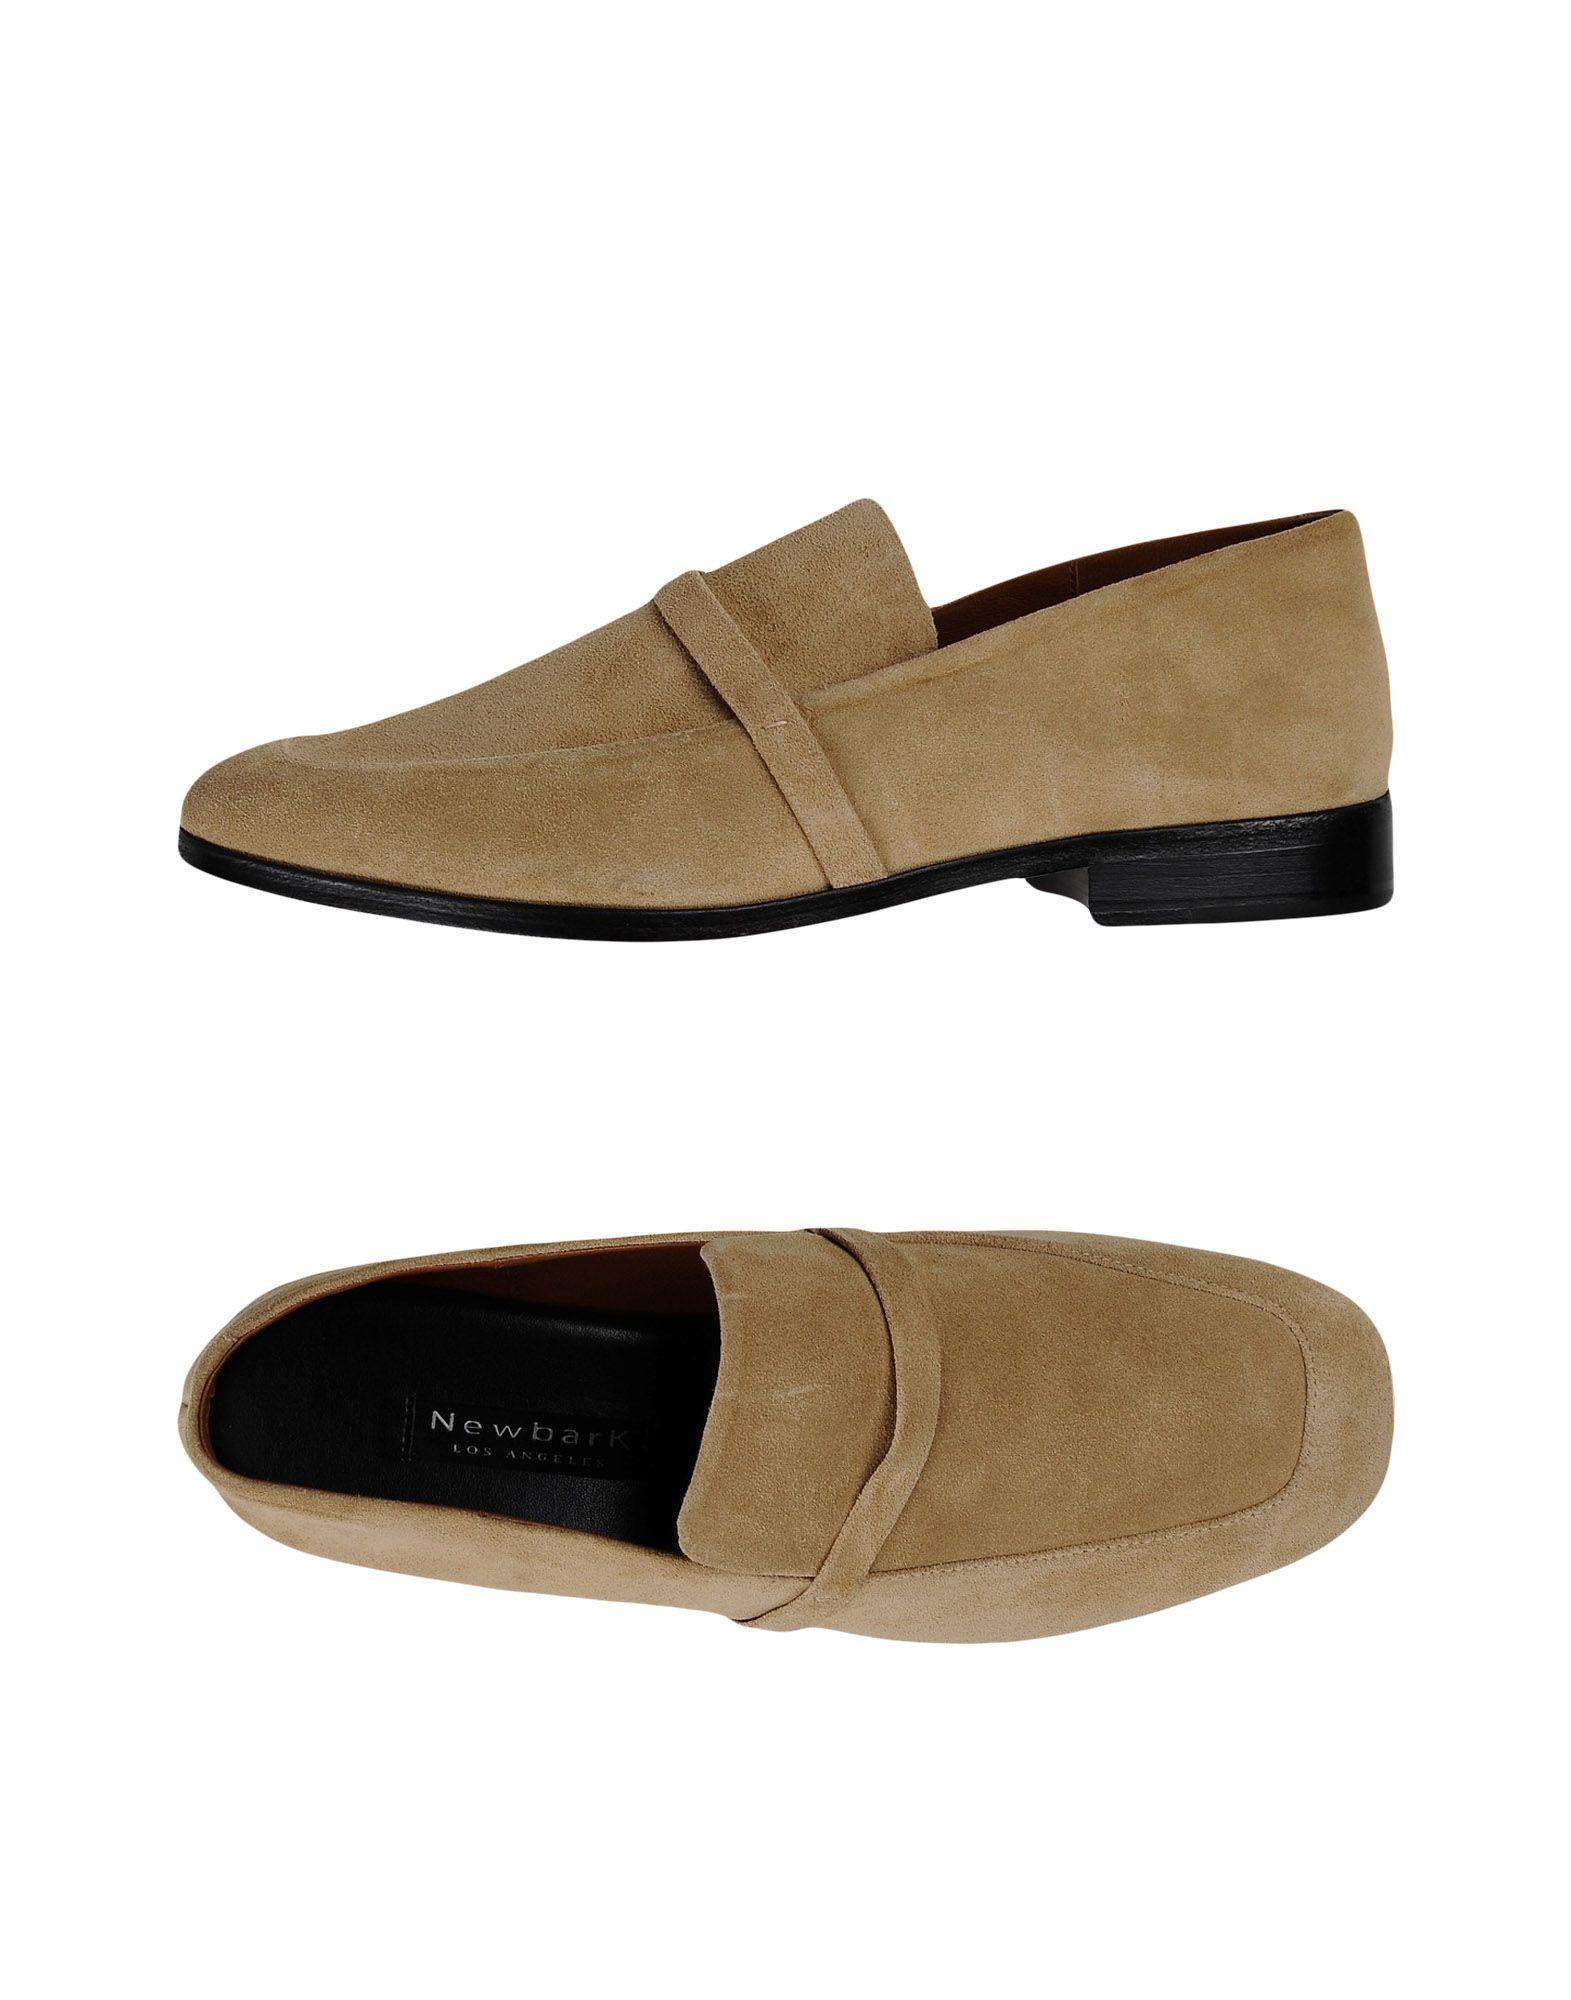 Newbark Loafers In Beige